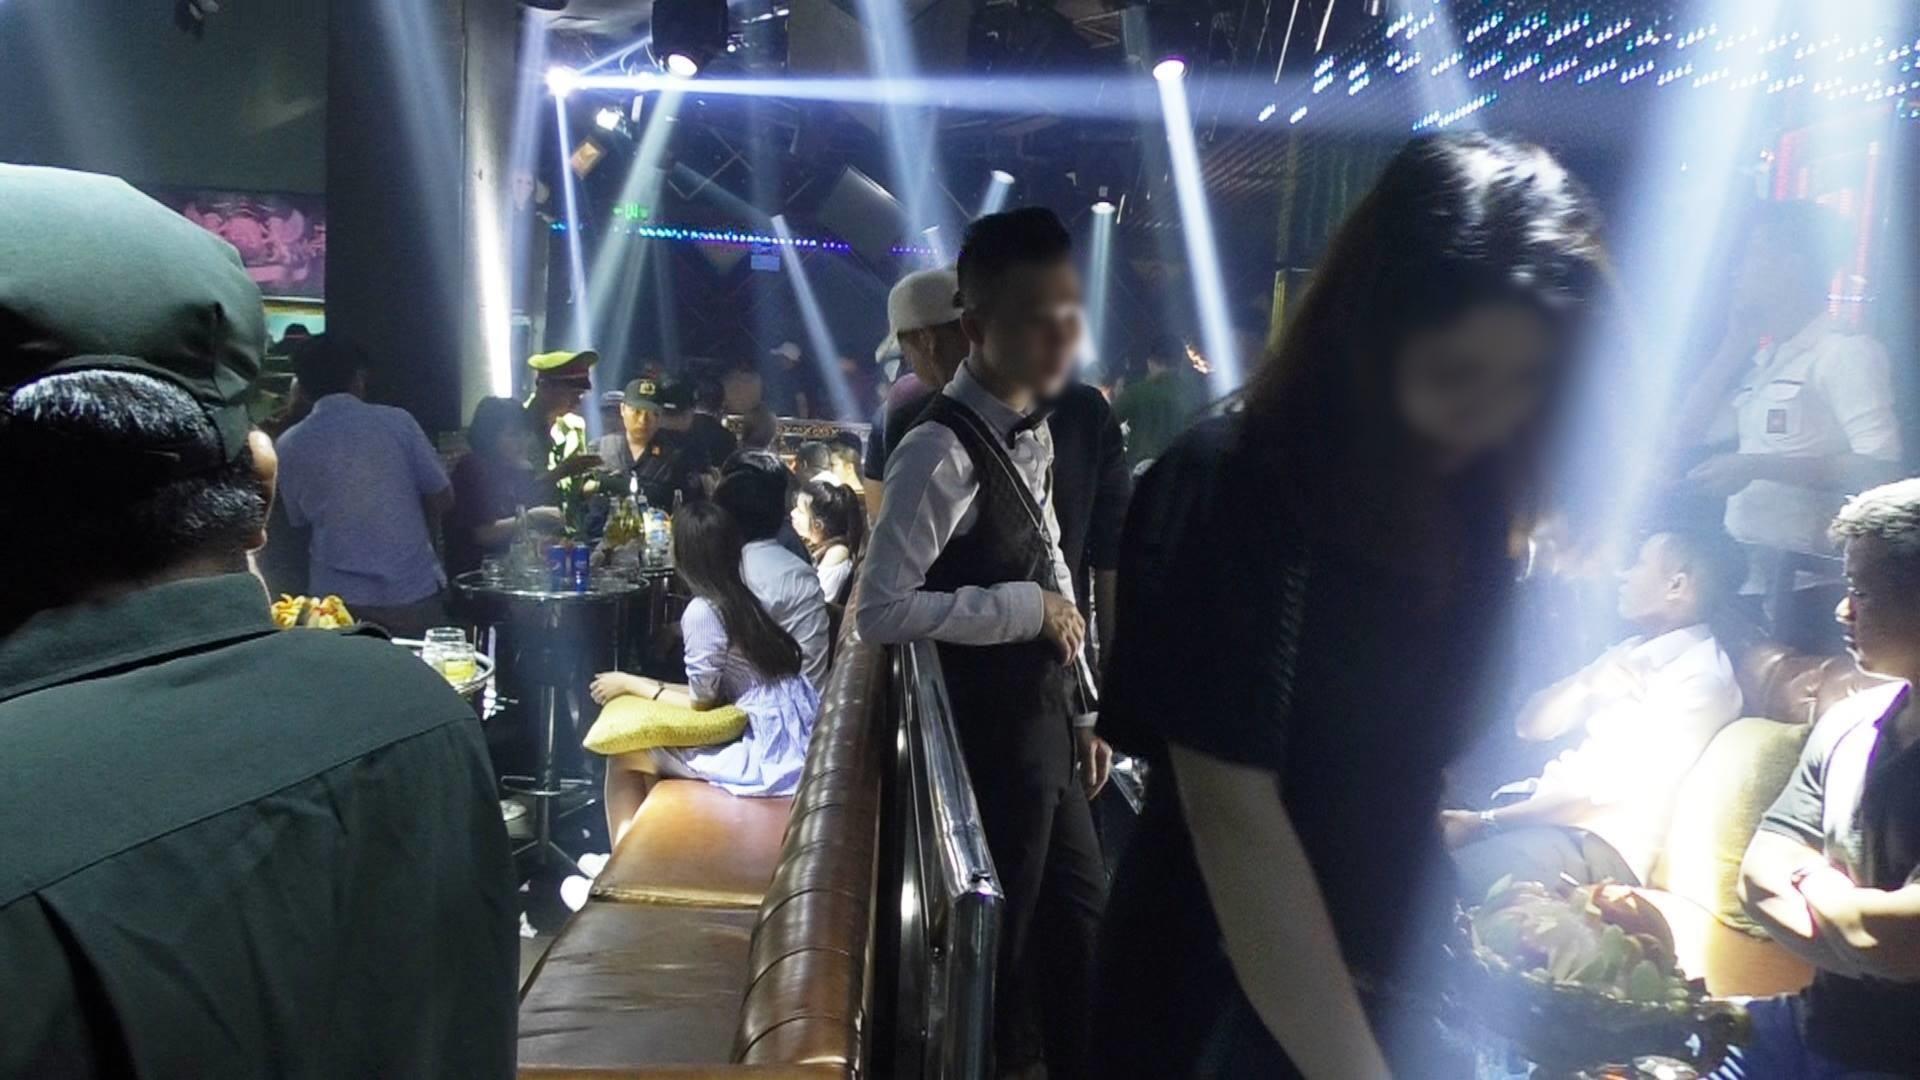 Đột kích 3 quán bar nổi tiếng ở trung tâm Sài Gòn, phát hiện nhiều dân chơi nghi sử dụng ma tuý - Ảnh 6.